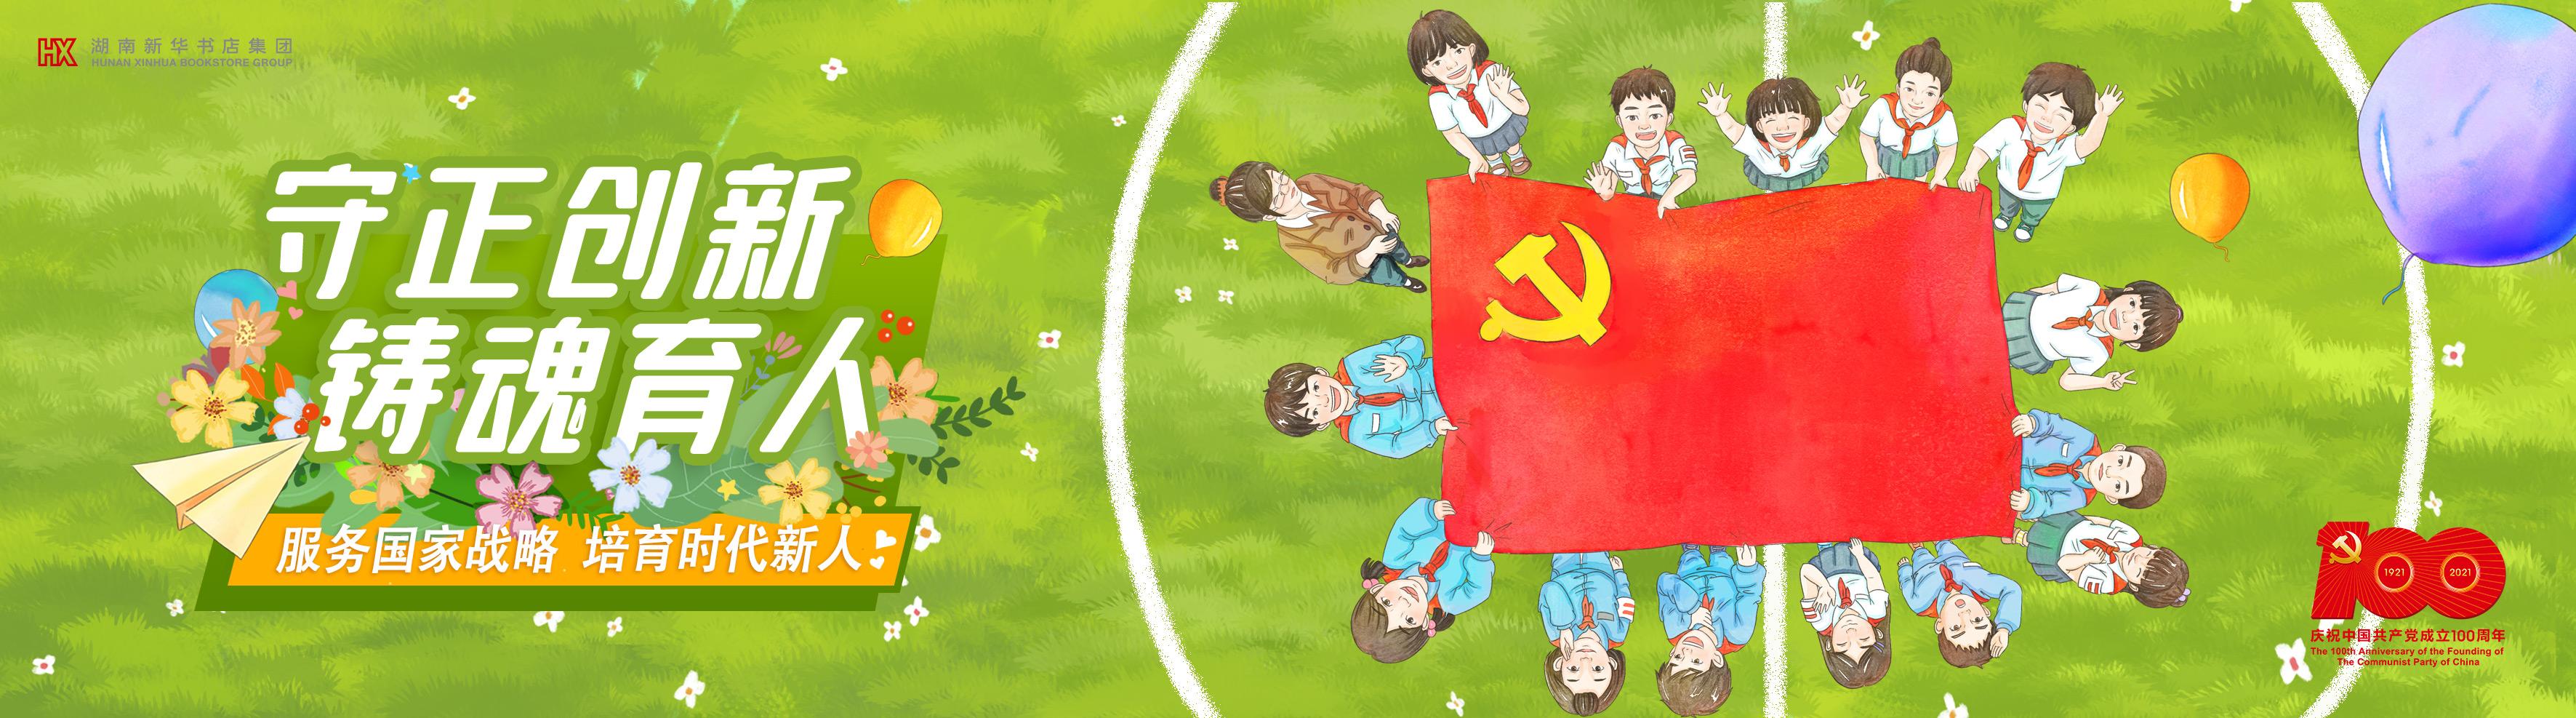 【序号6】【湖南】建党100周年